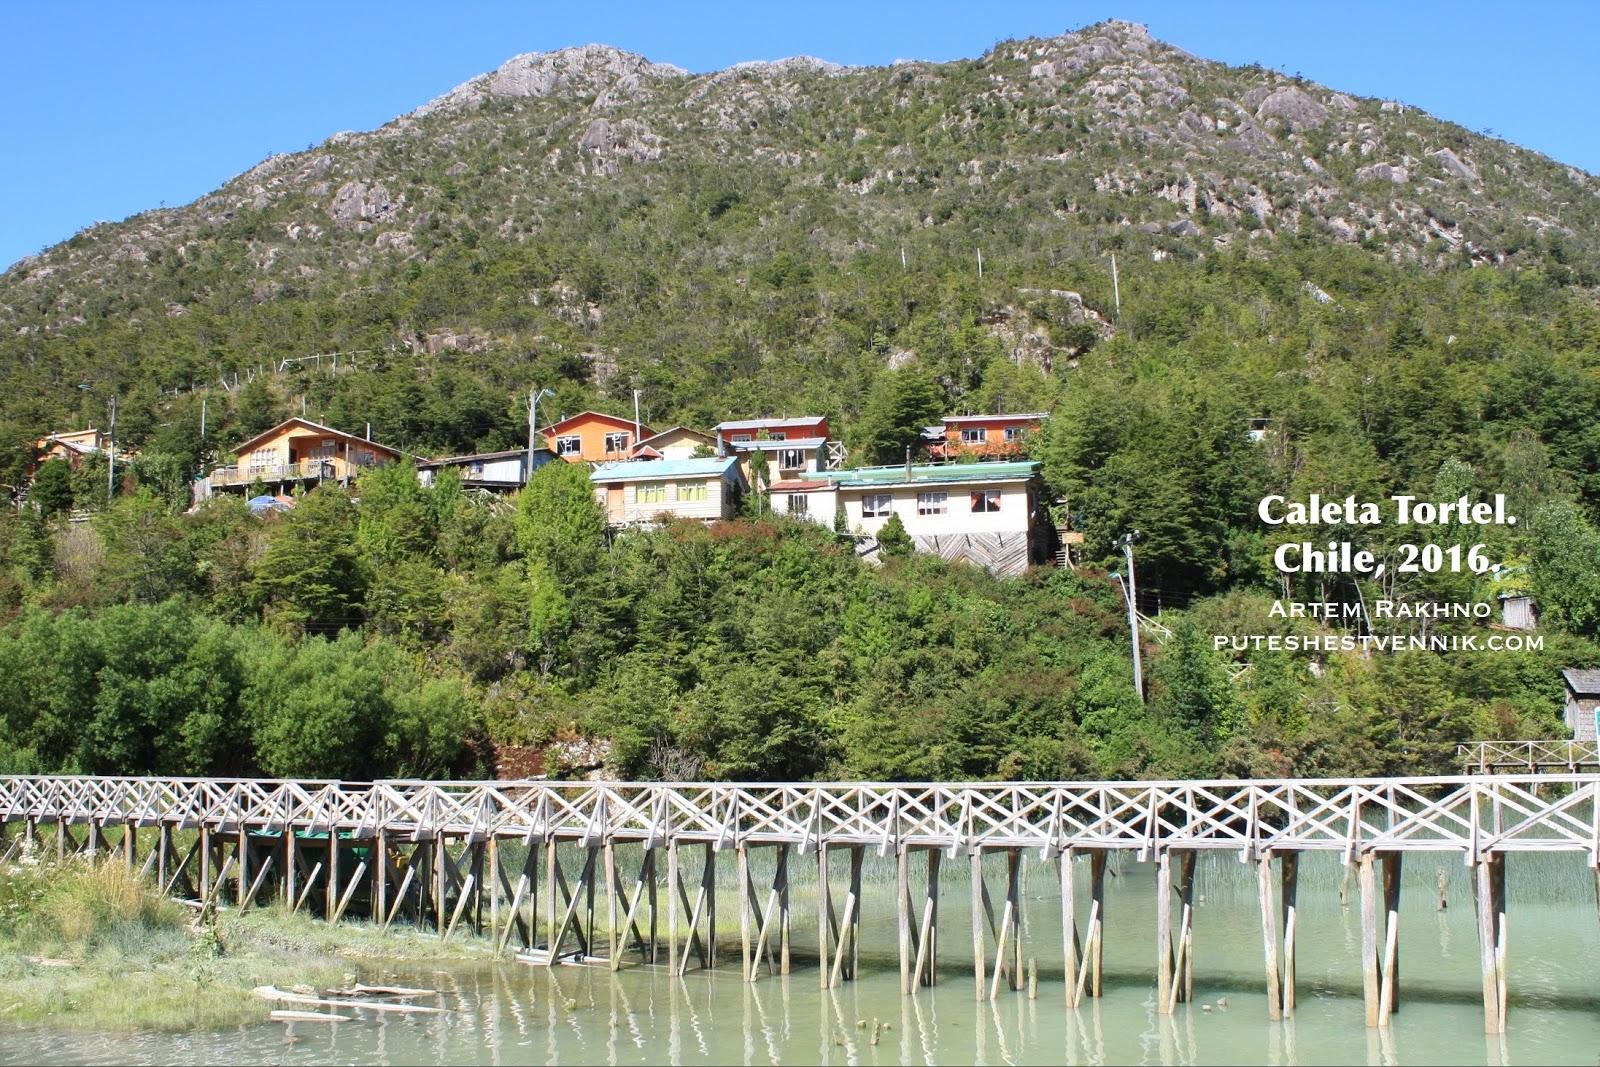 Деревянные мостки в Калета Тортел